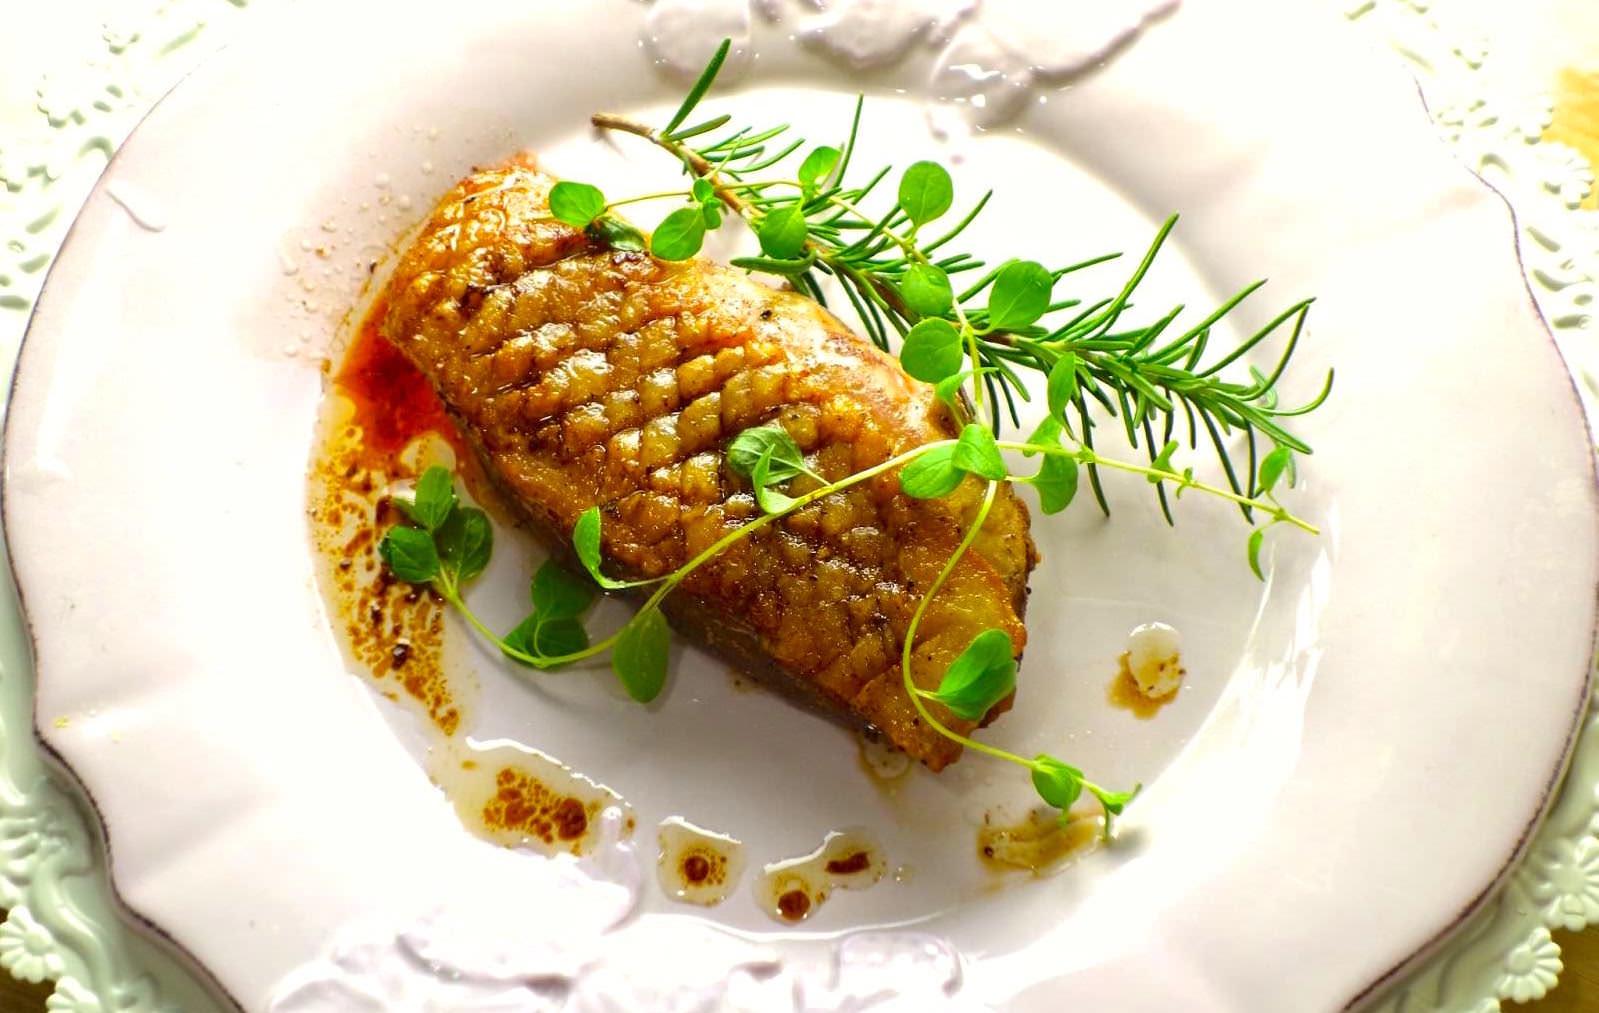 「鴨胸怎麼煎才能柔嫩又多汁?」其實嫩煎鴨肉要好吃,我們都忽略了這一個小步驟